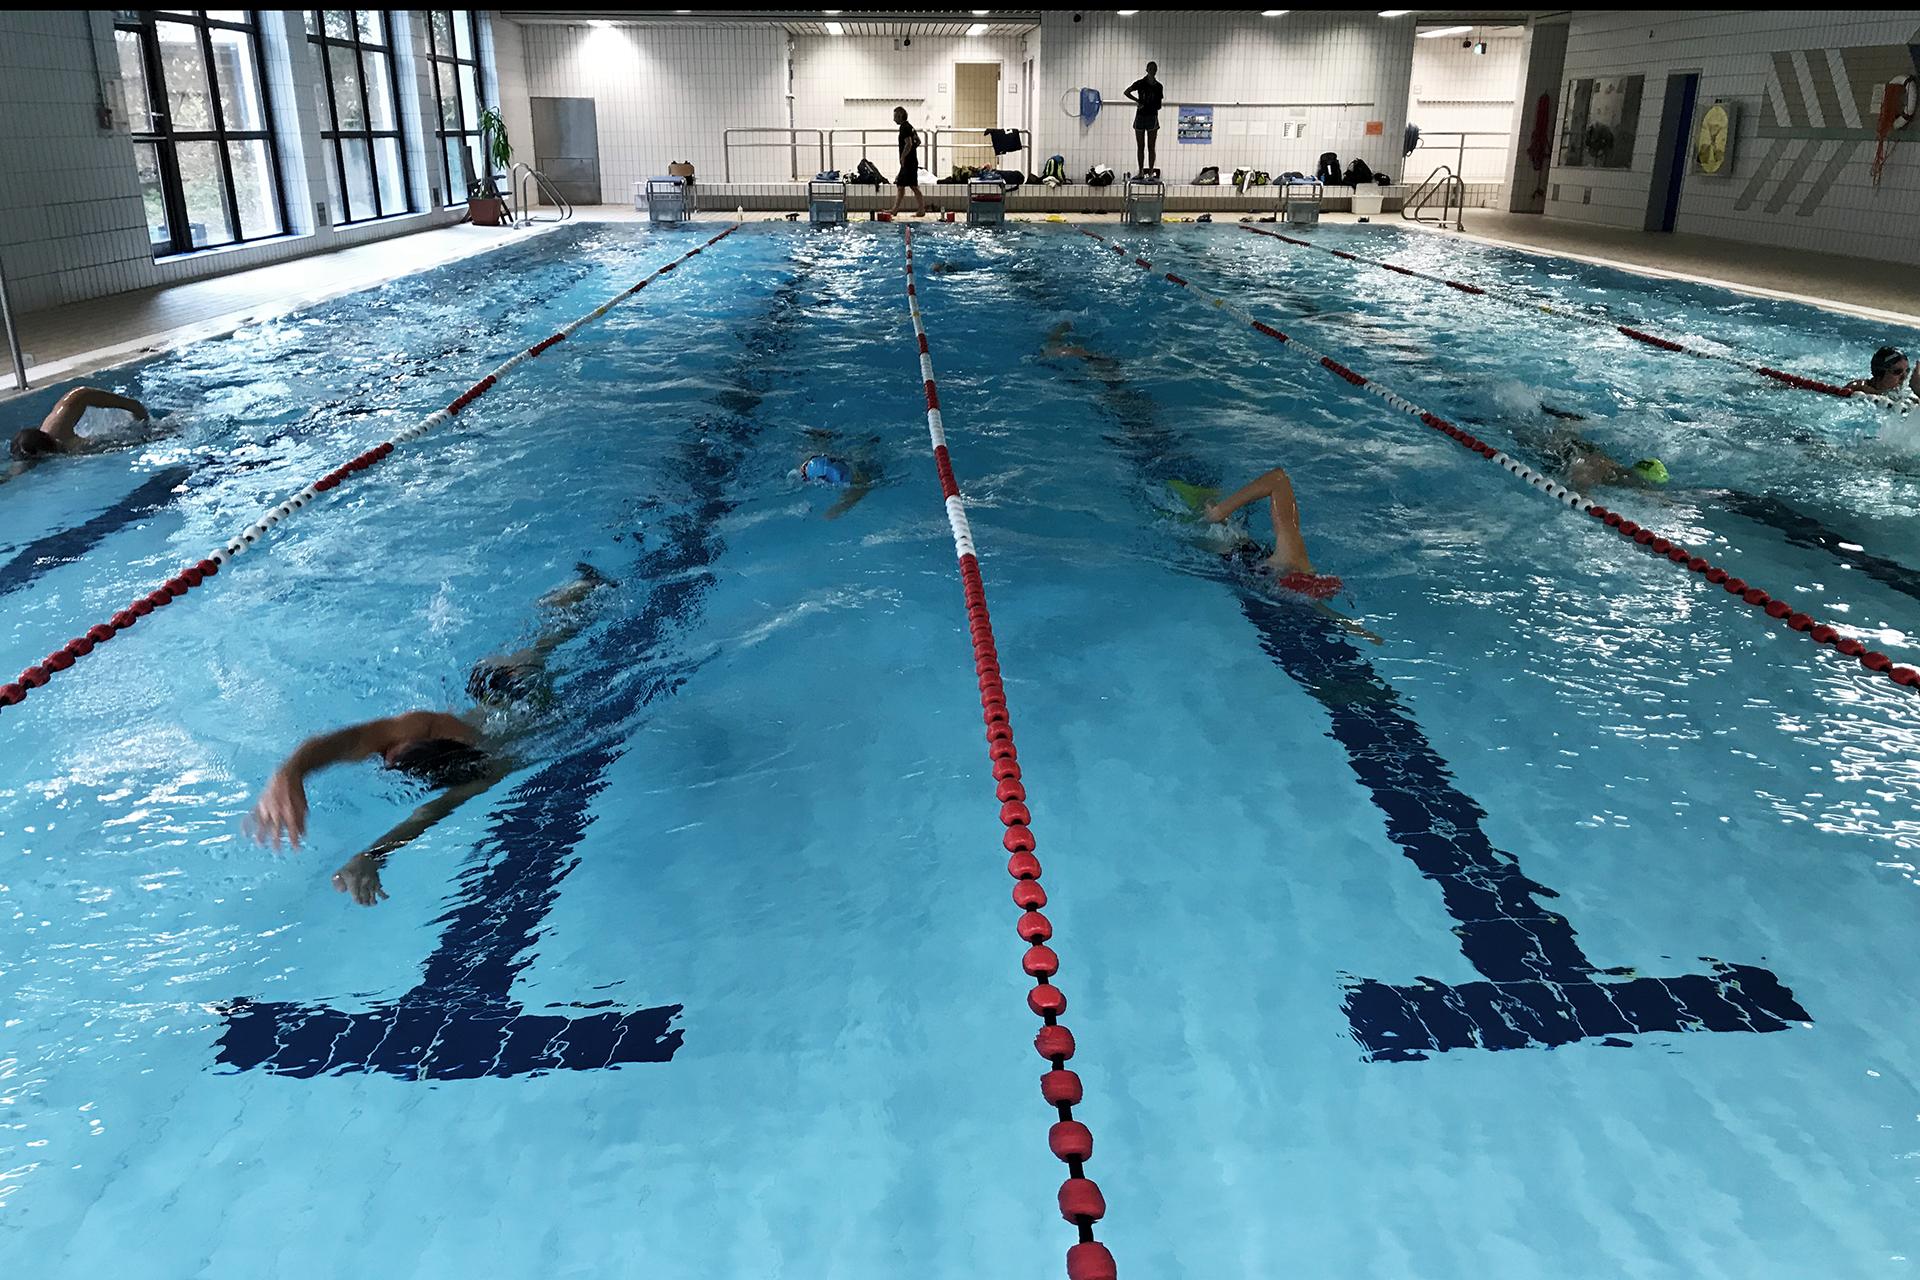 SUGAR & PAIN SWIMINAR / Genügend Platz für alle Schwimmer auf abgetrennten Schwimmbahnen © stefandrexl.com